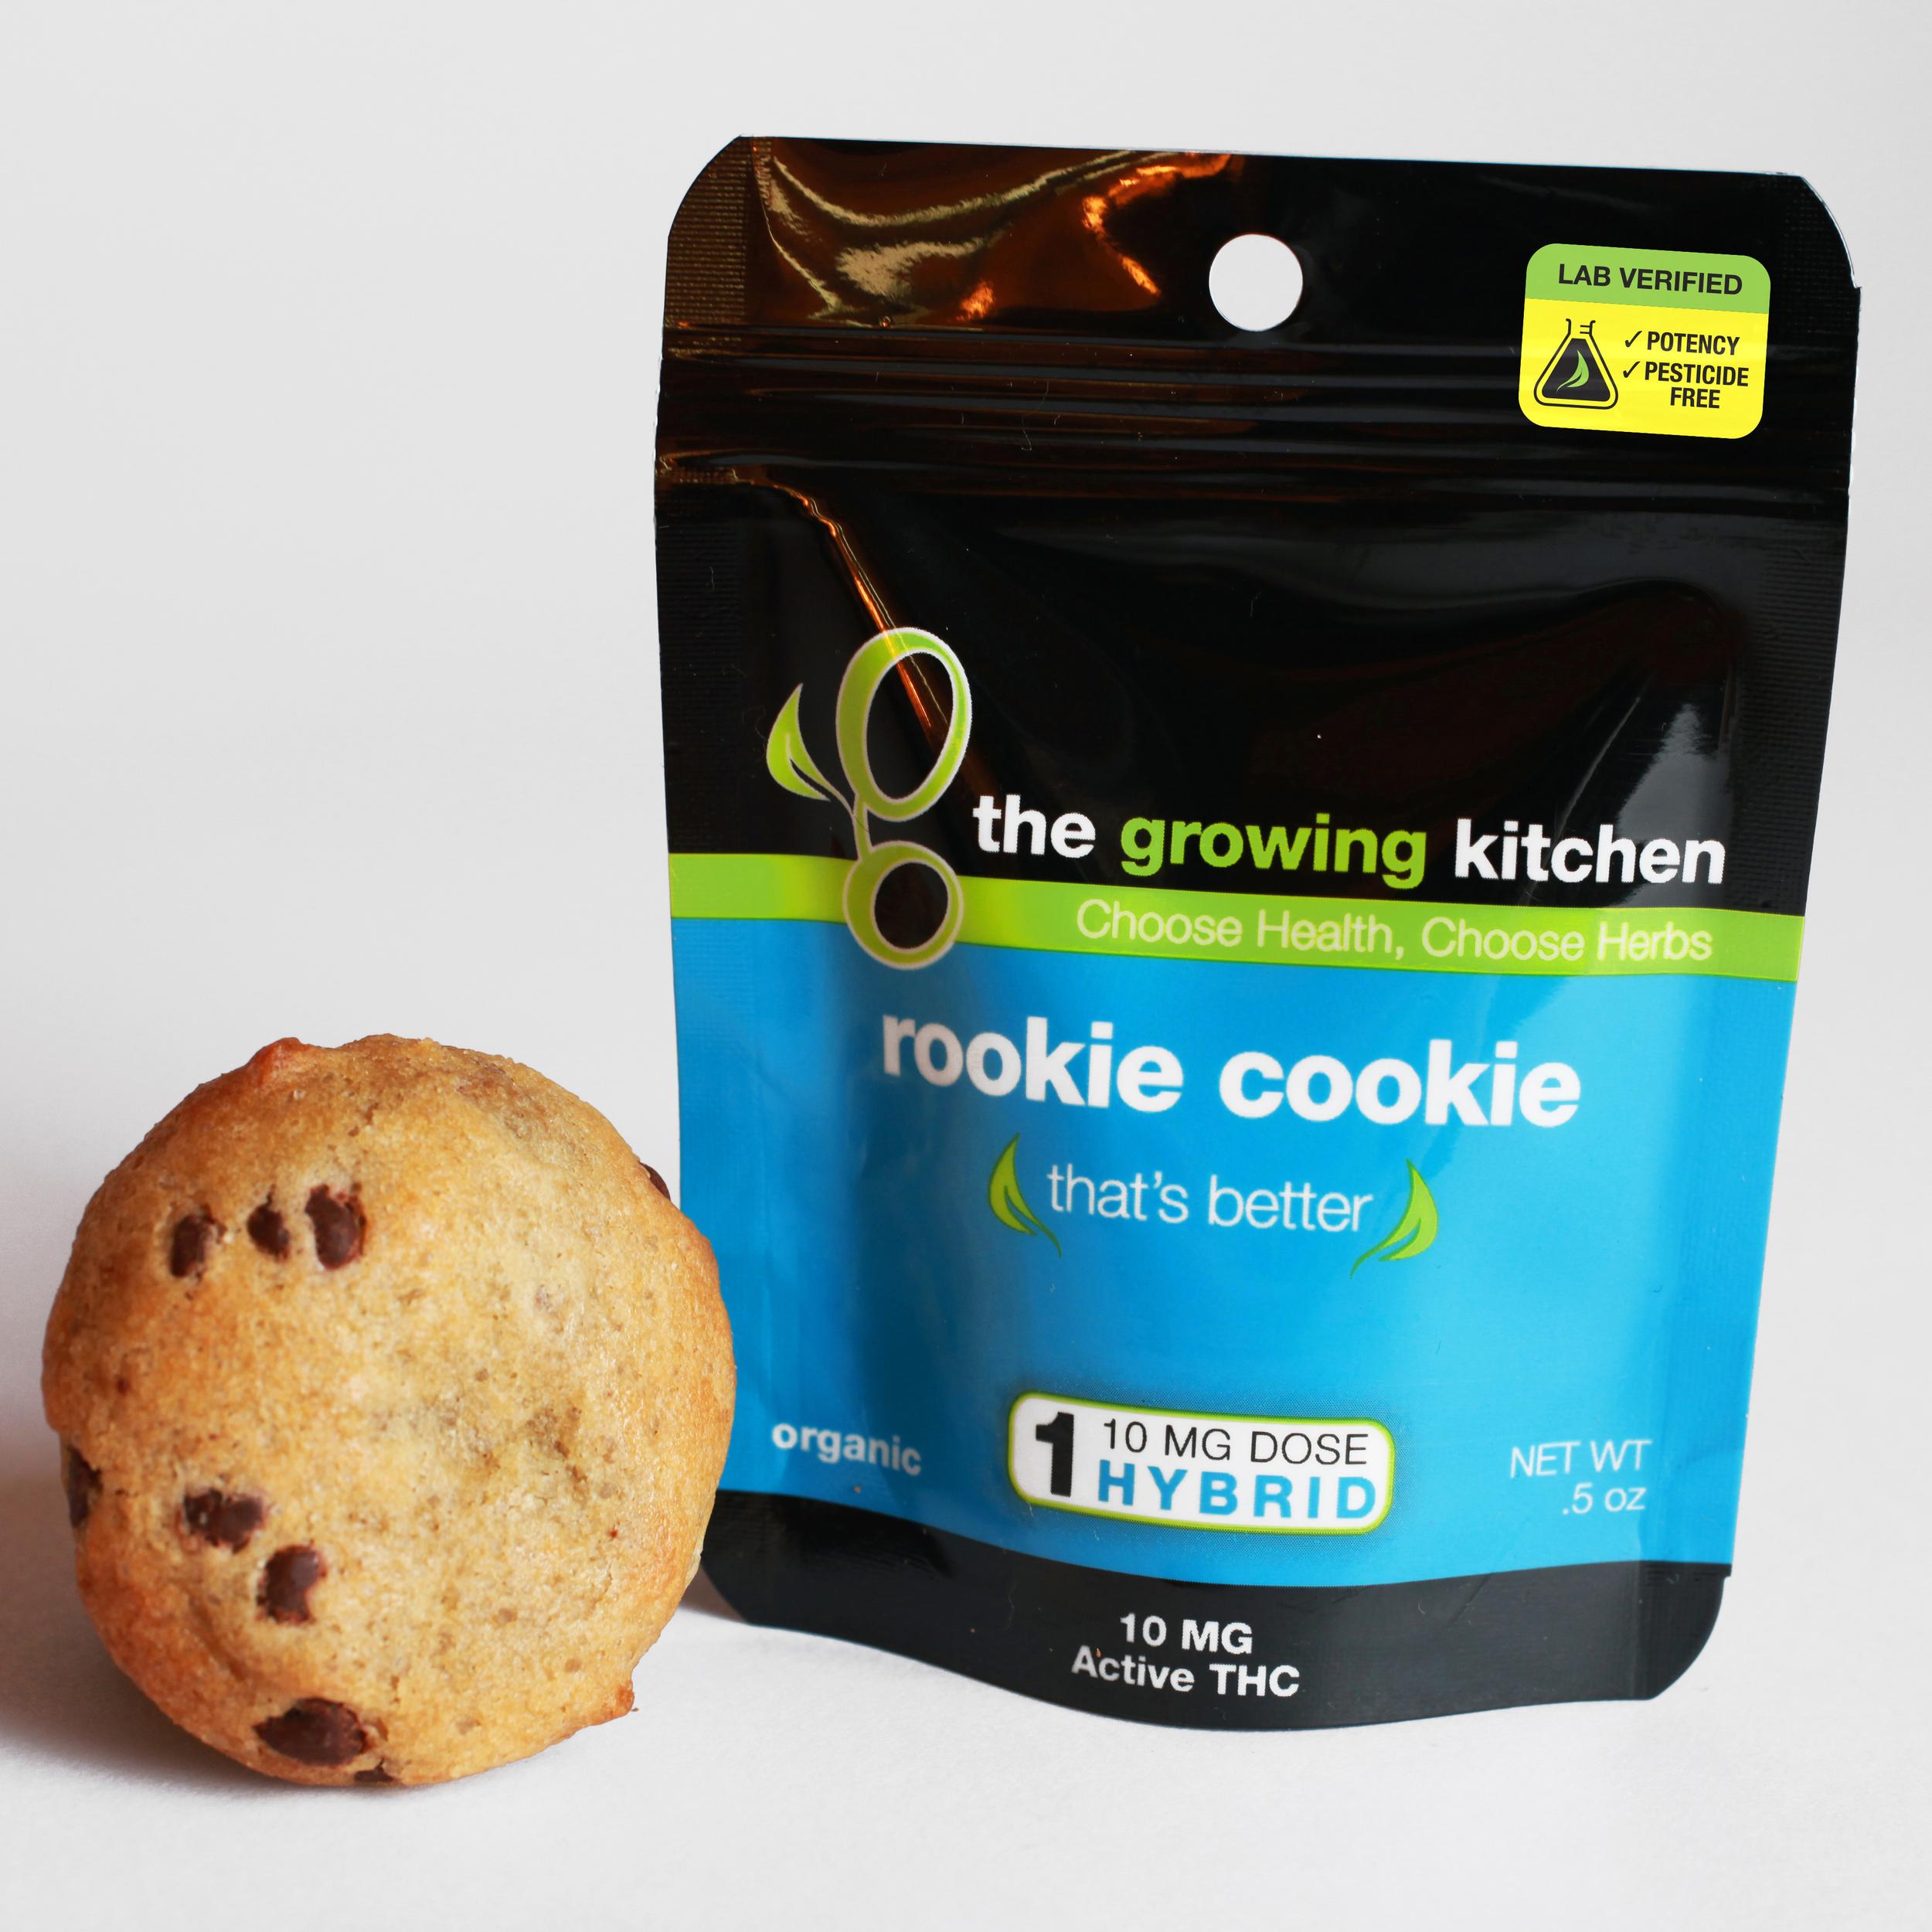 rookiecookie.png